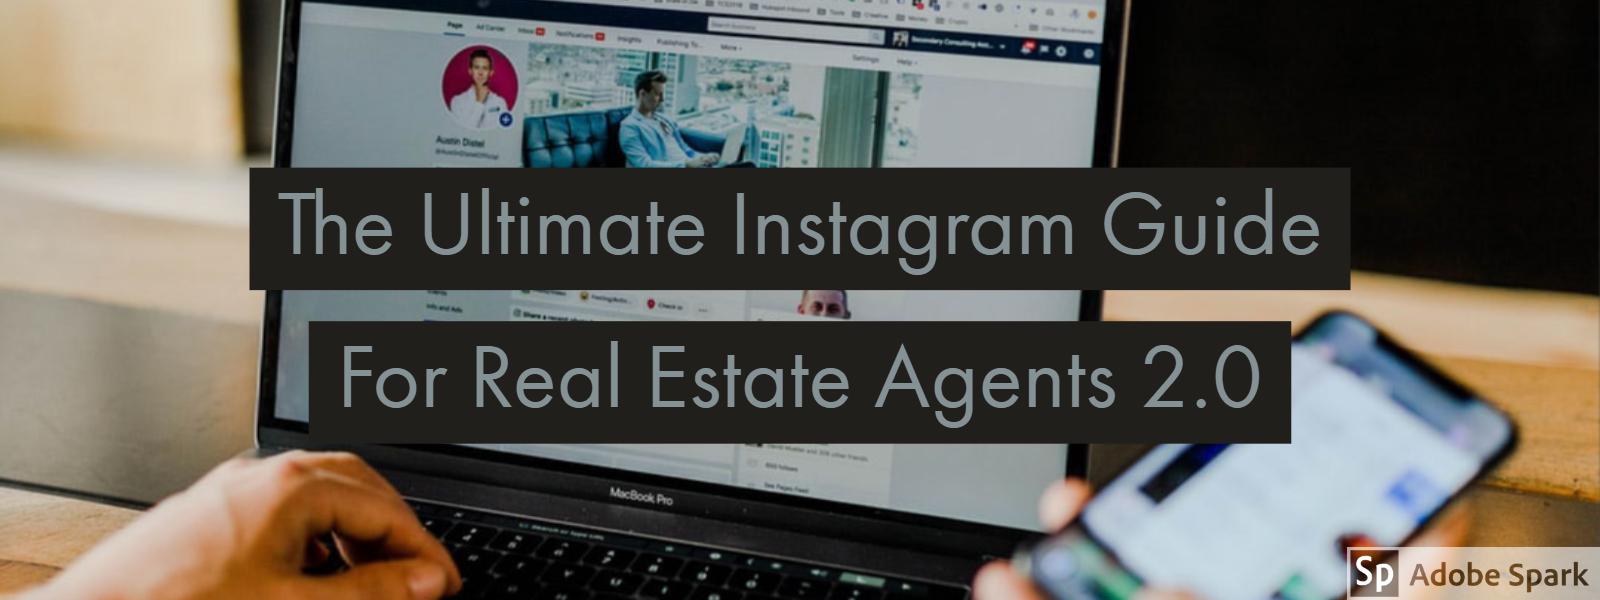 The Ultimate Instagram Guide For Real Estate Agents 2.0 Instagram  Facebook  Linkedin